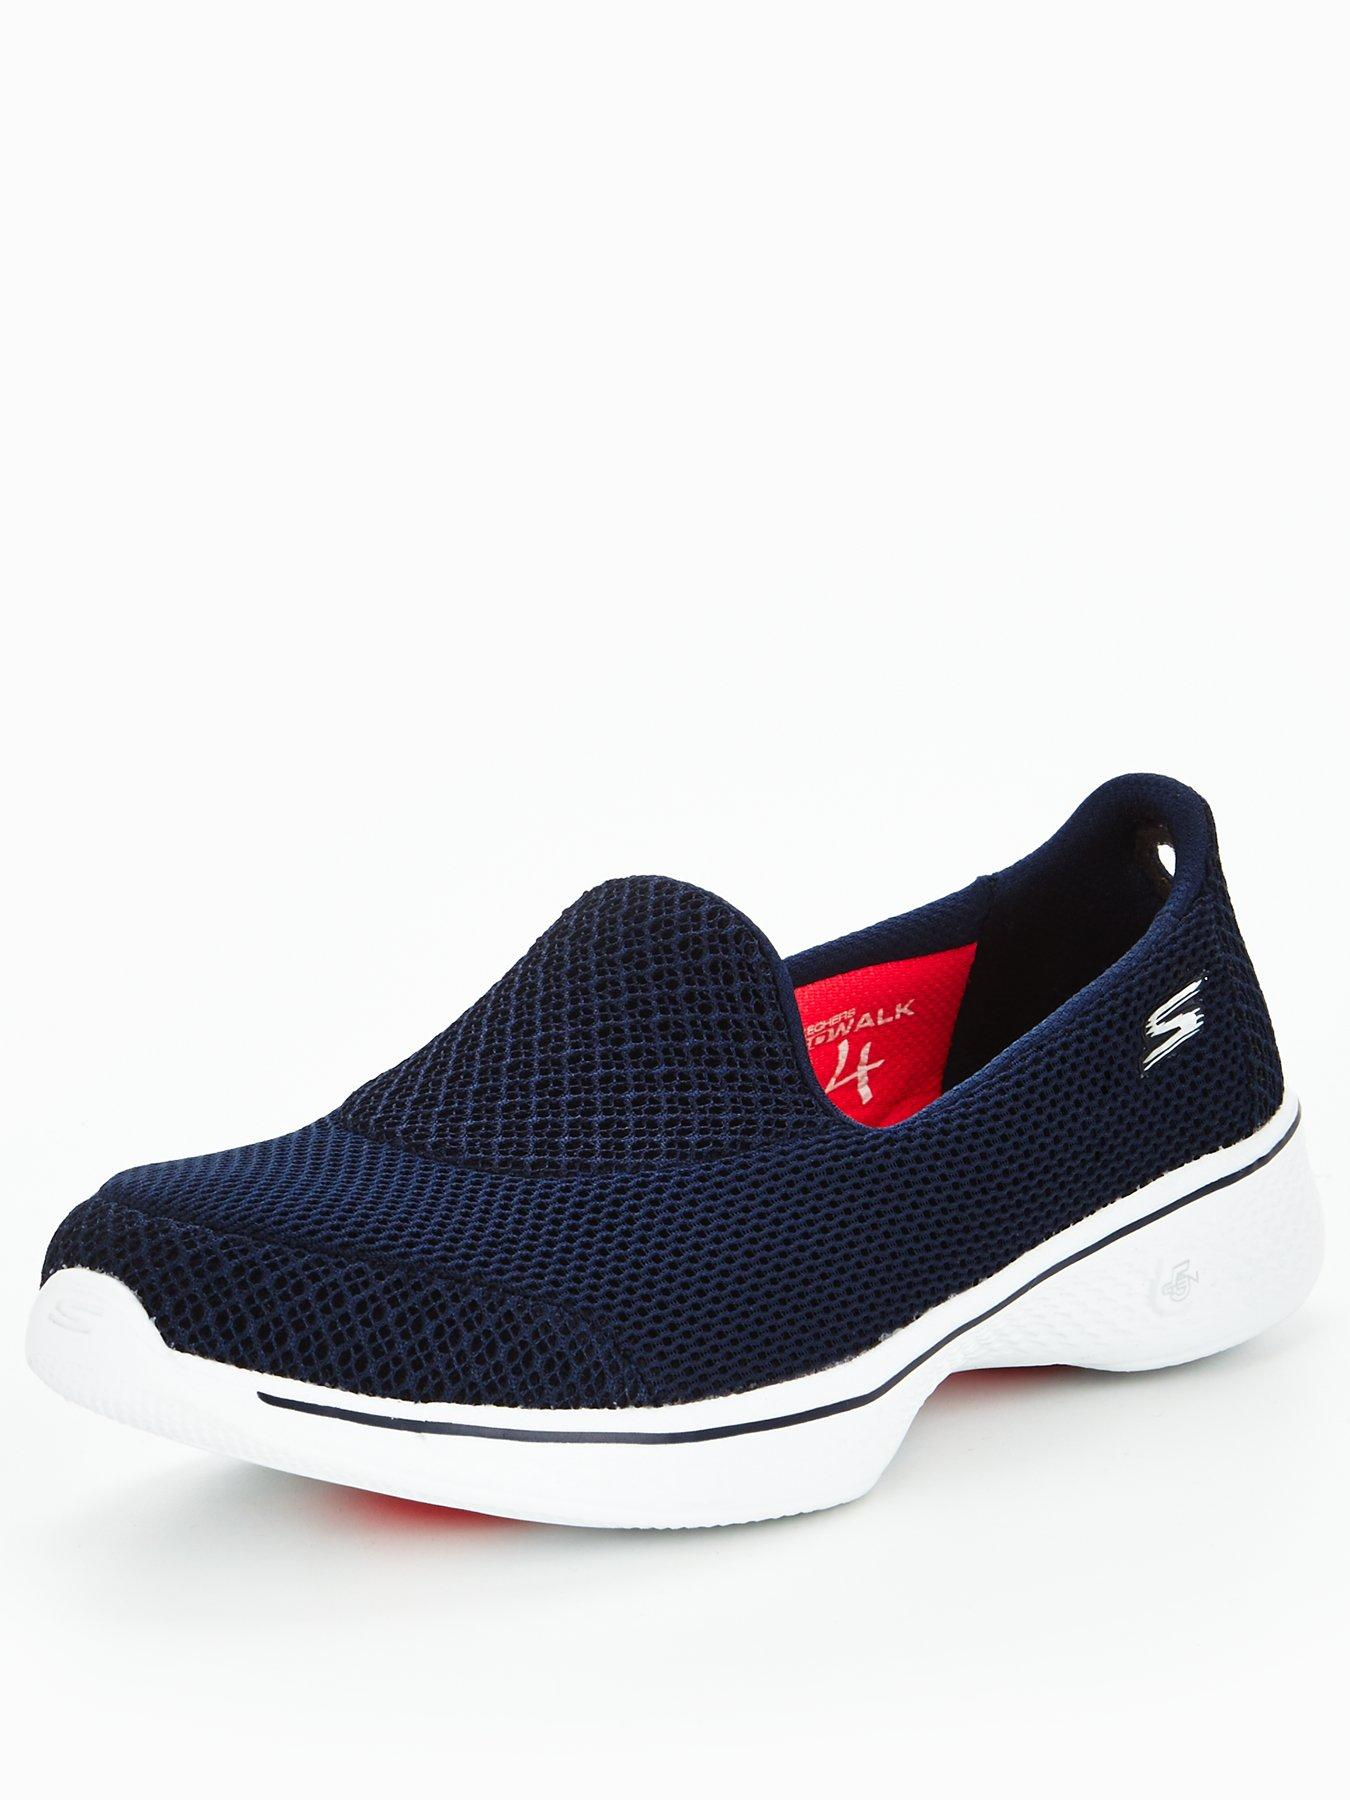 Skechers Go Walk 4 Propel Shoe 1600168651 Women's Shoes Skechers Flats